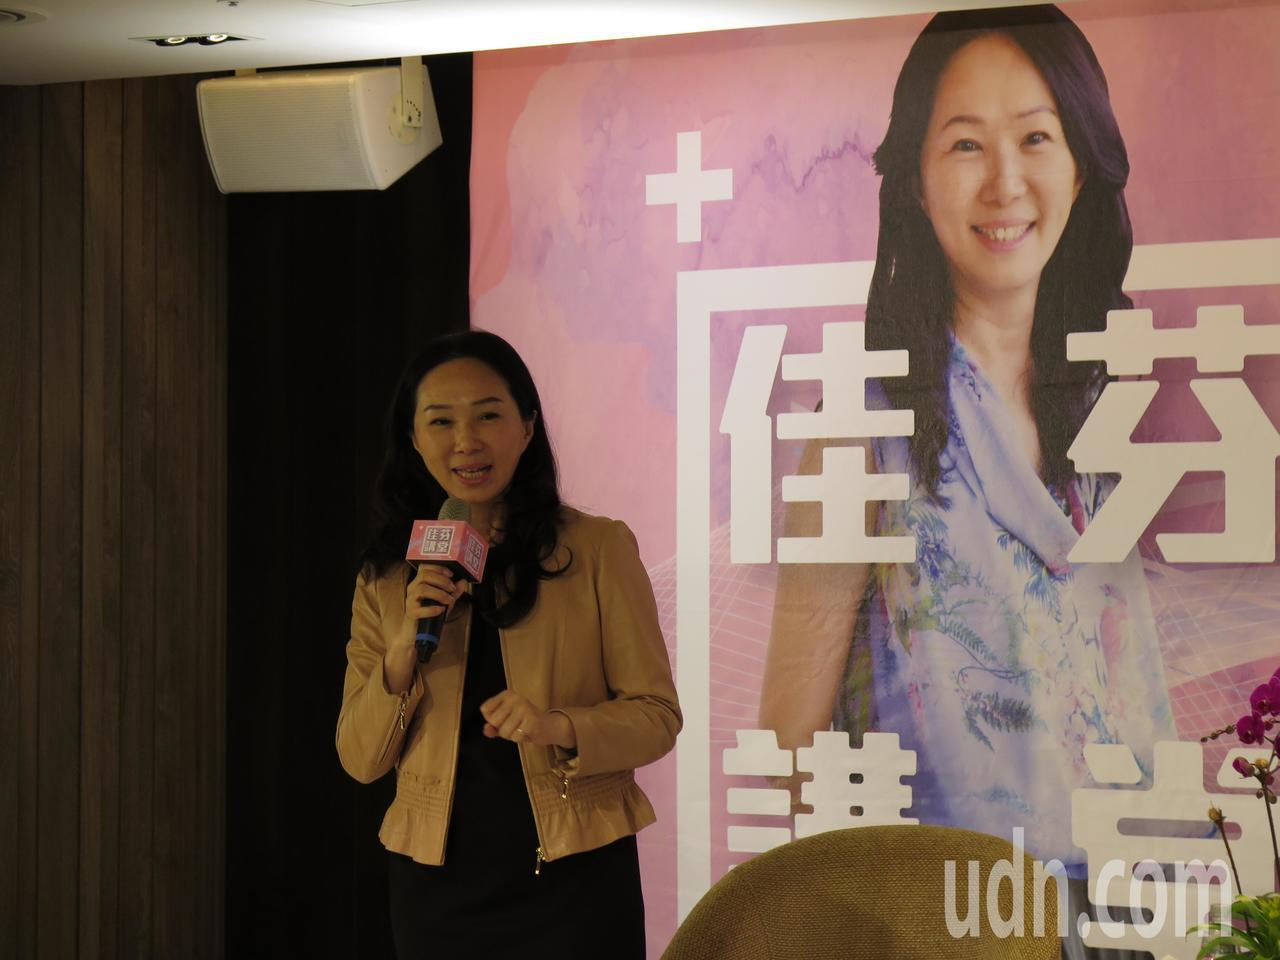 國民黨總統參選人韓國瑜妻子李佳芬第2場「佳芬講堂」在桃園舉行,她認為現在孩子要學...